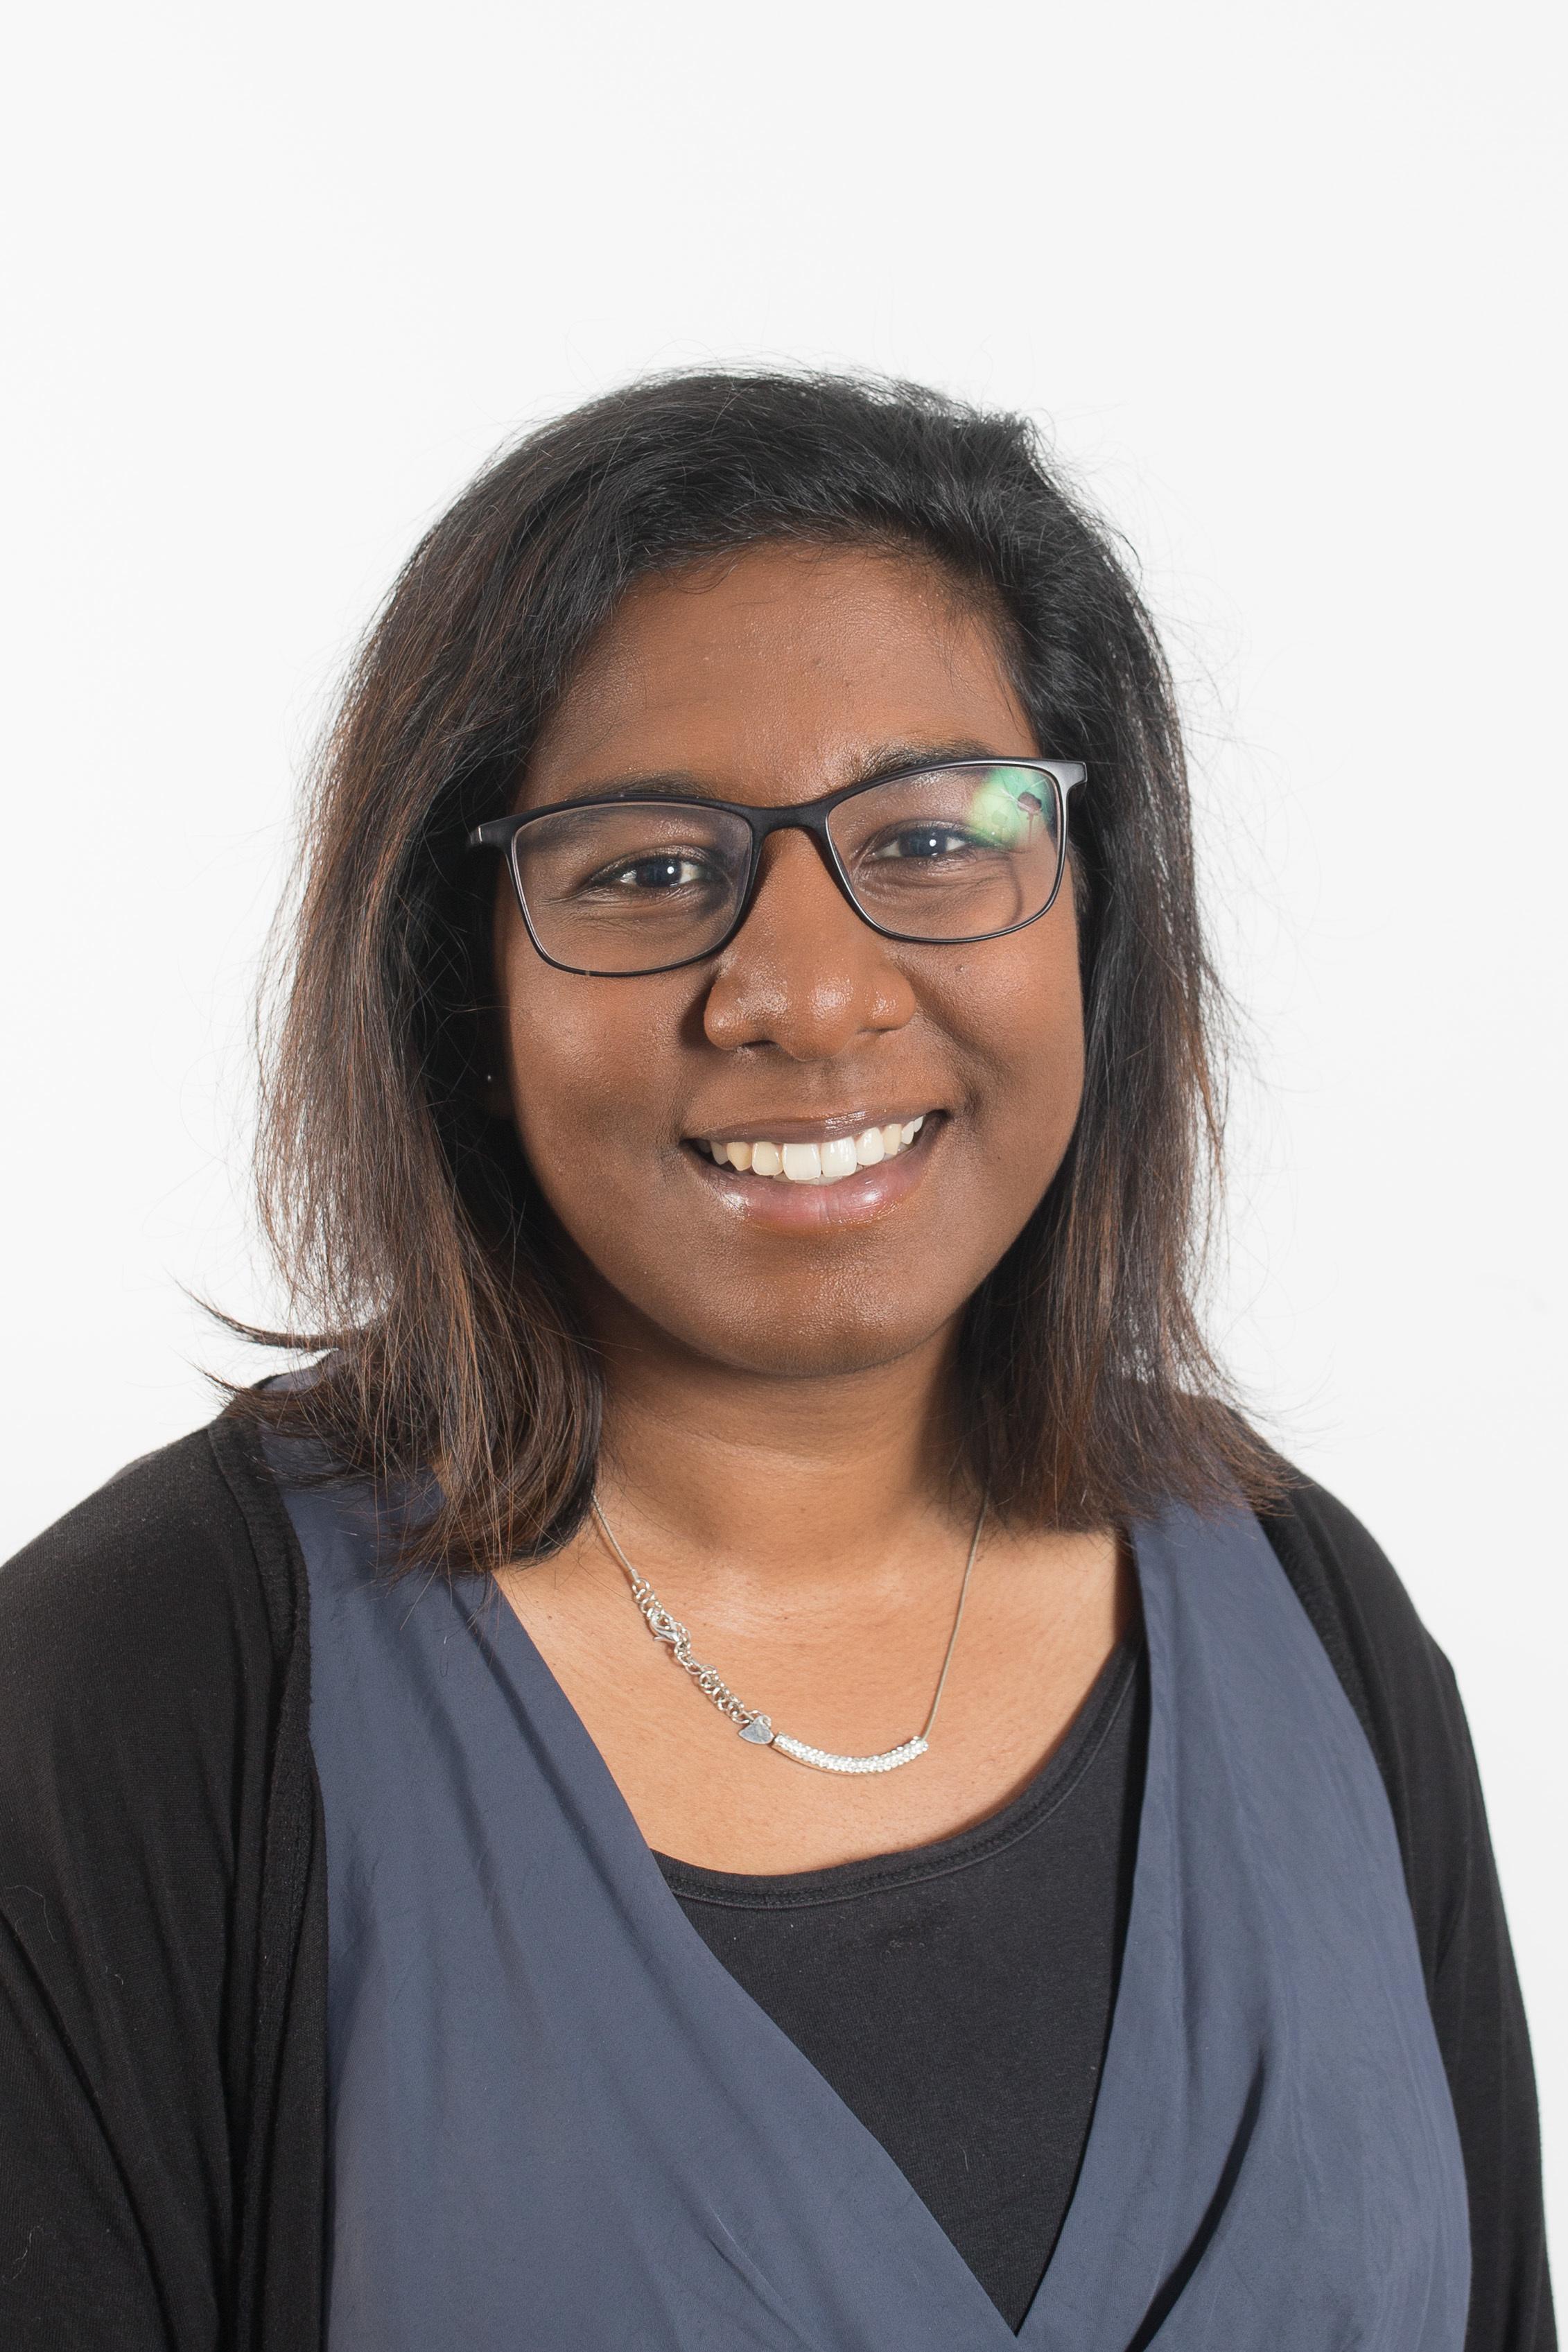 Smiling photo of Anjali